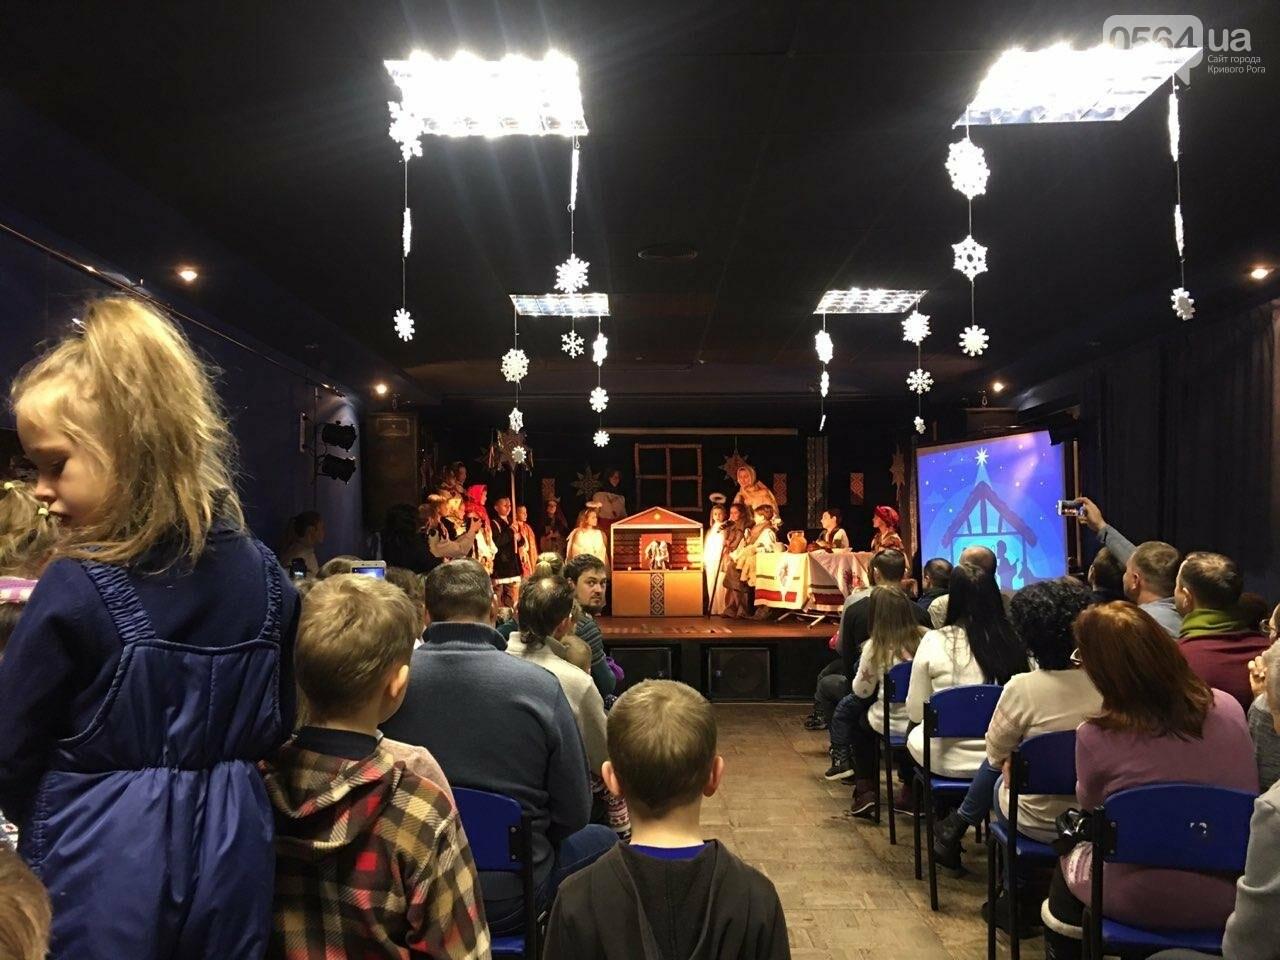 Христос рождается! В Кривом Роге показали Рождественский вертеп, - ФОТО, ВИДЕО, фото-8